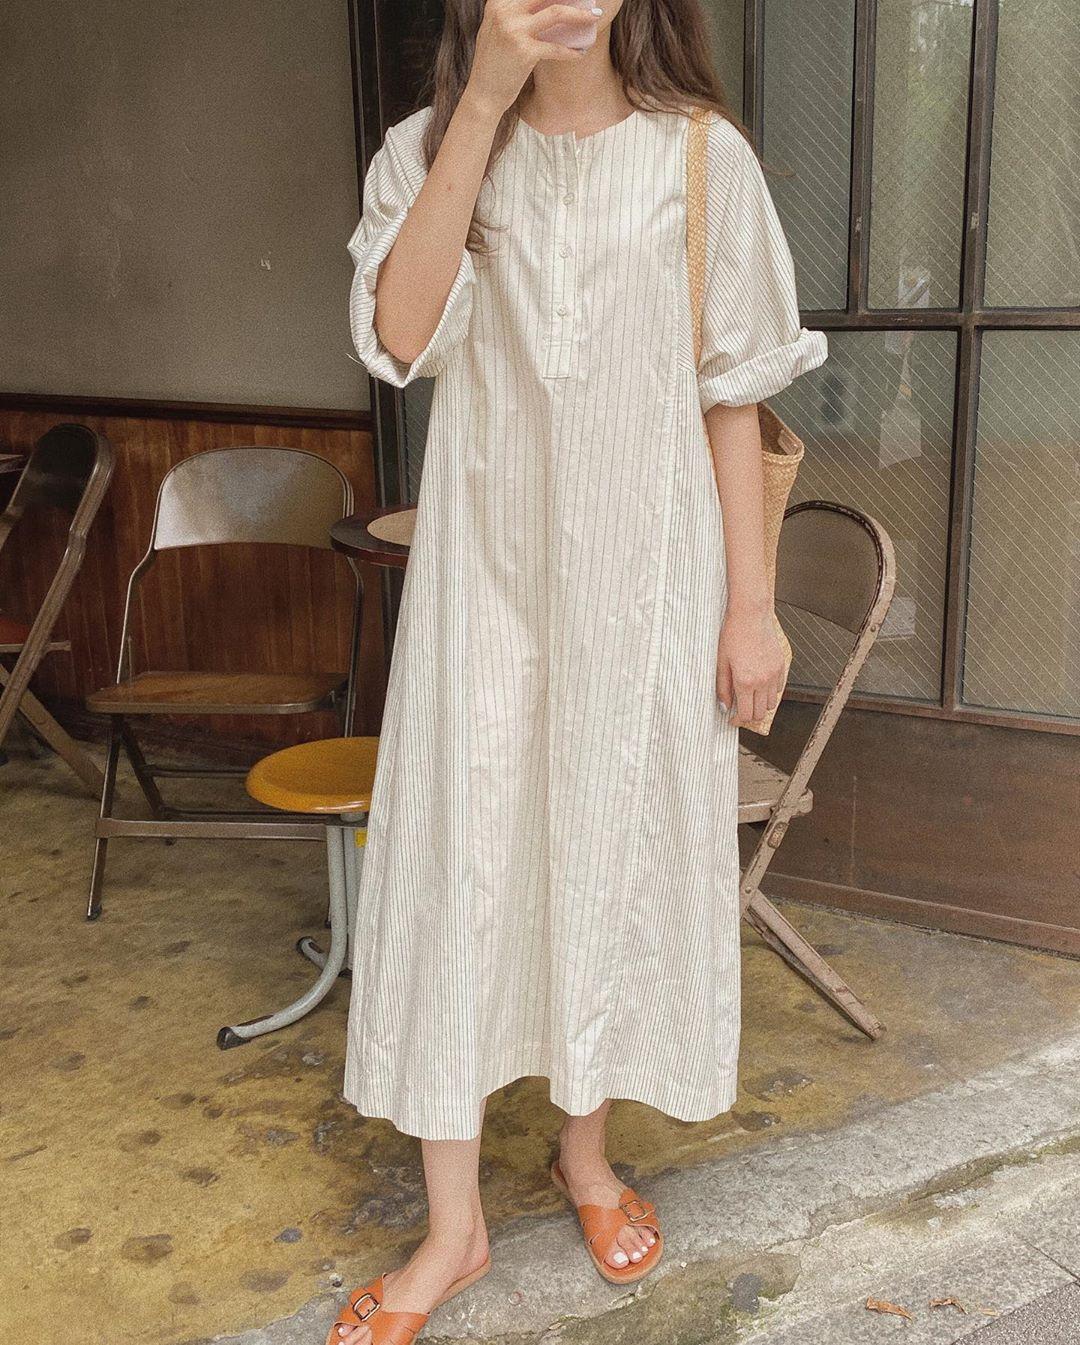 BTV thời trang gọi tên 4 items trông thì đơn giản, ai cũng mặc được nhưng lại có sức mạnh 'sang xịn hóa' style ghê gớm - Ảnh 6